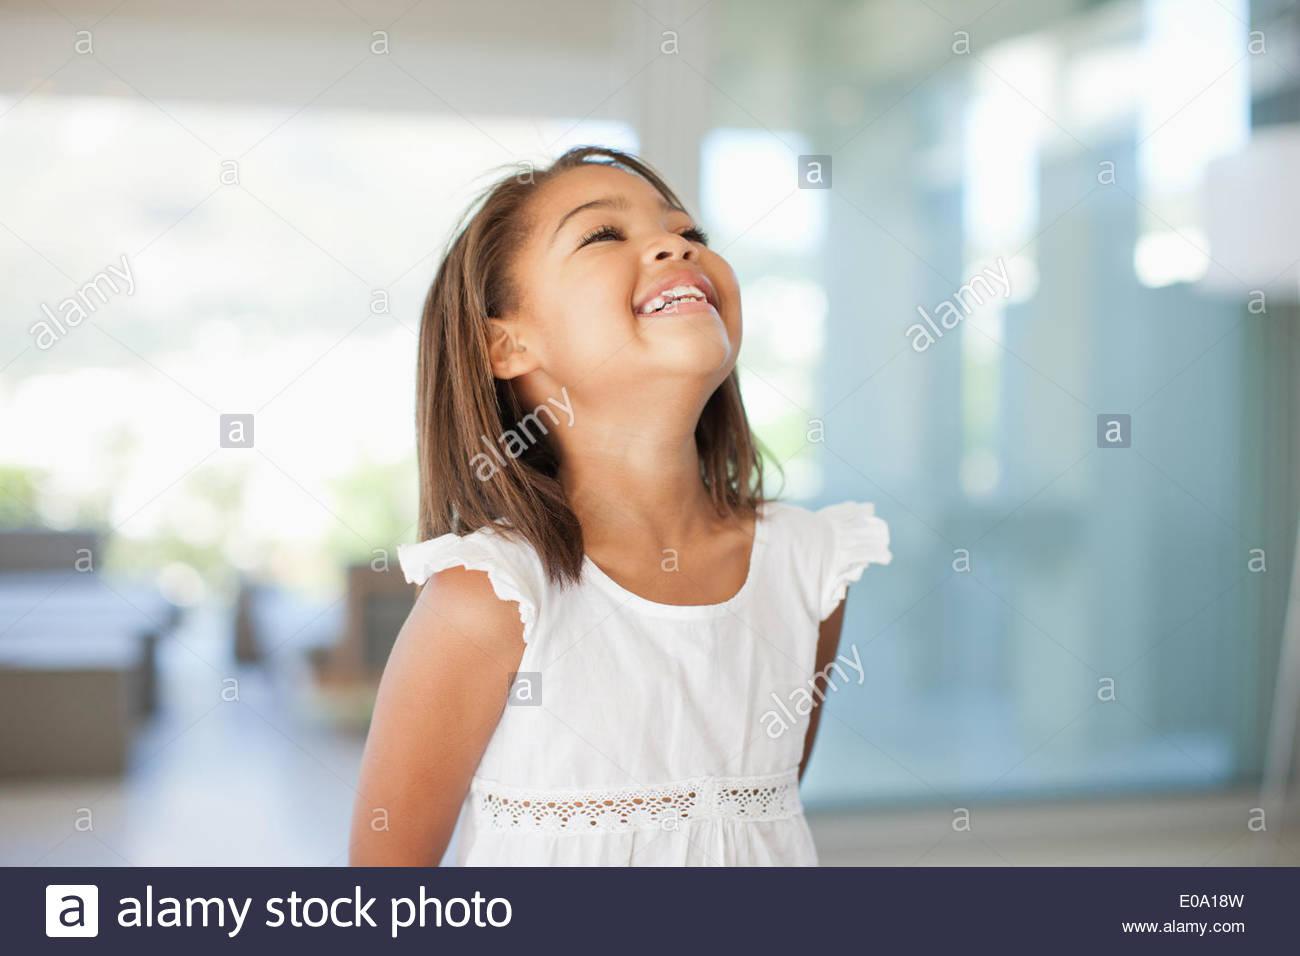 Ragazza sorridente in piedi in casa Immagini Stock